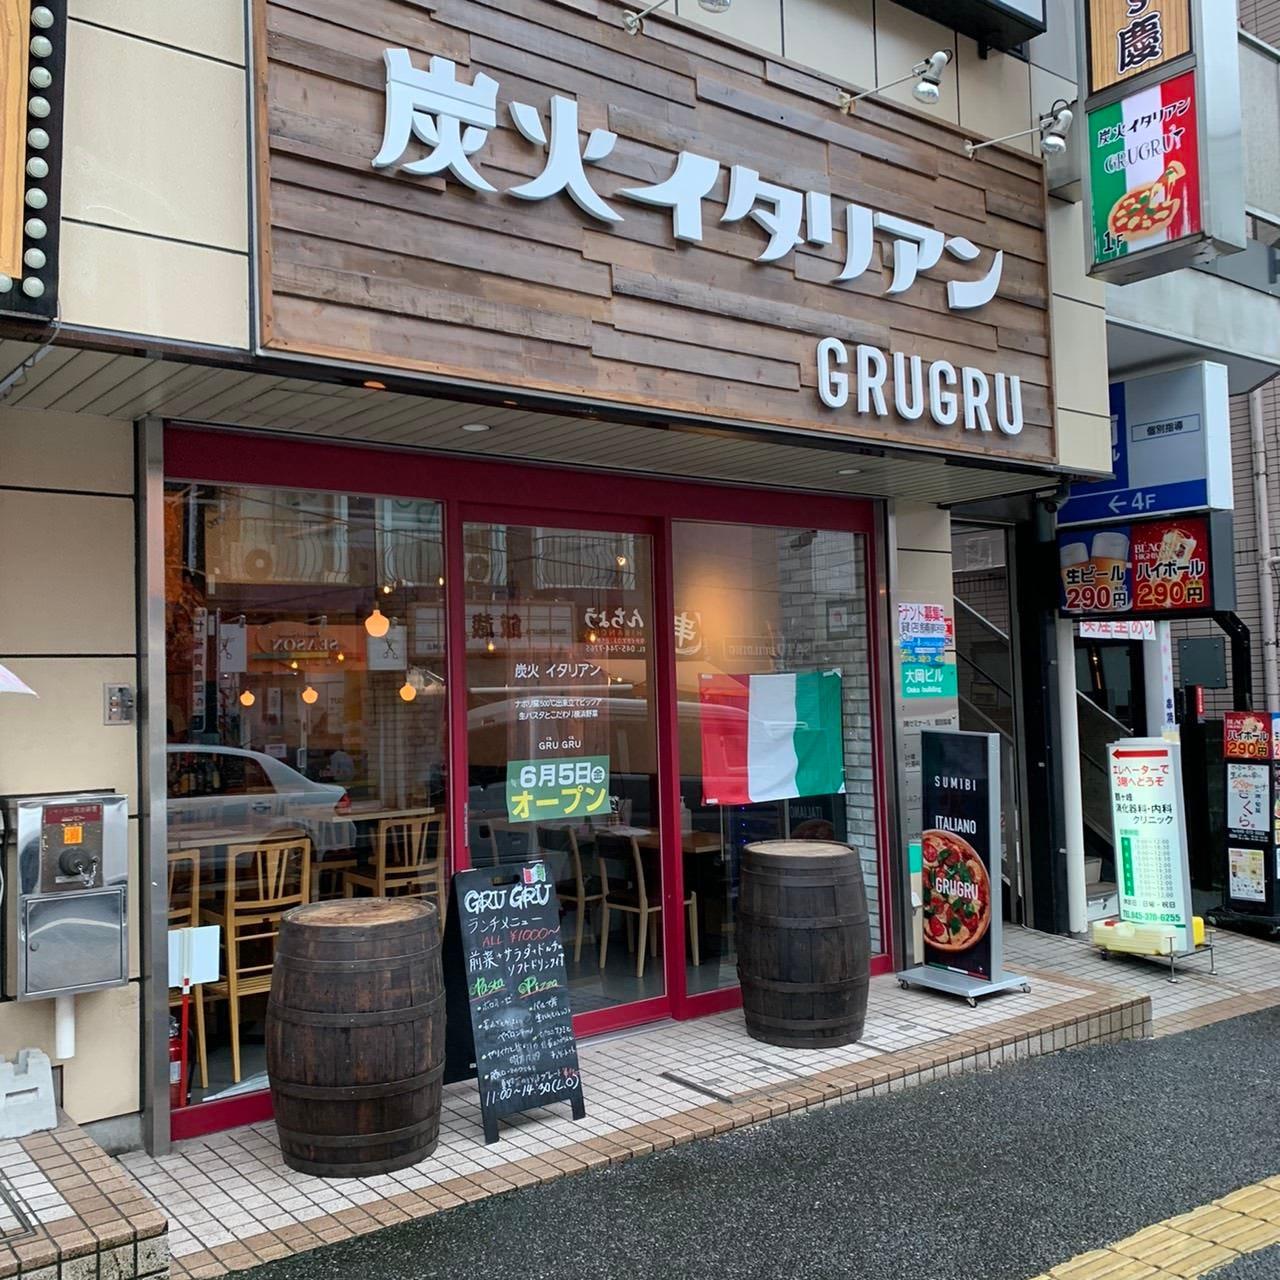 イタリアン GRUGRU(グルグル) 鶴ヶ峰